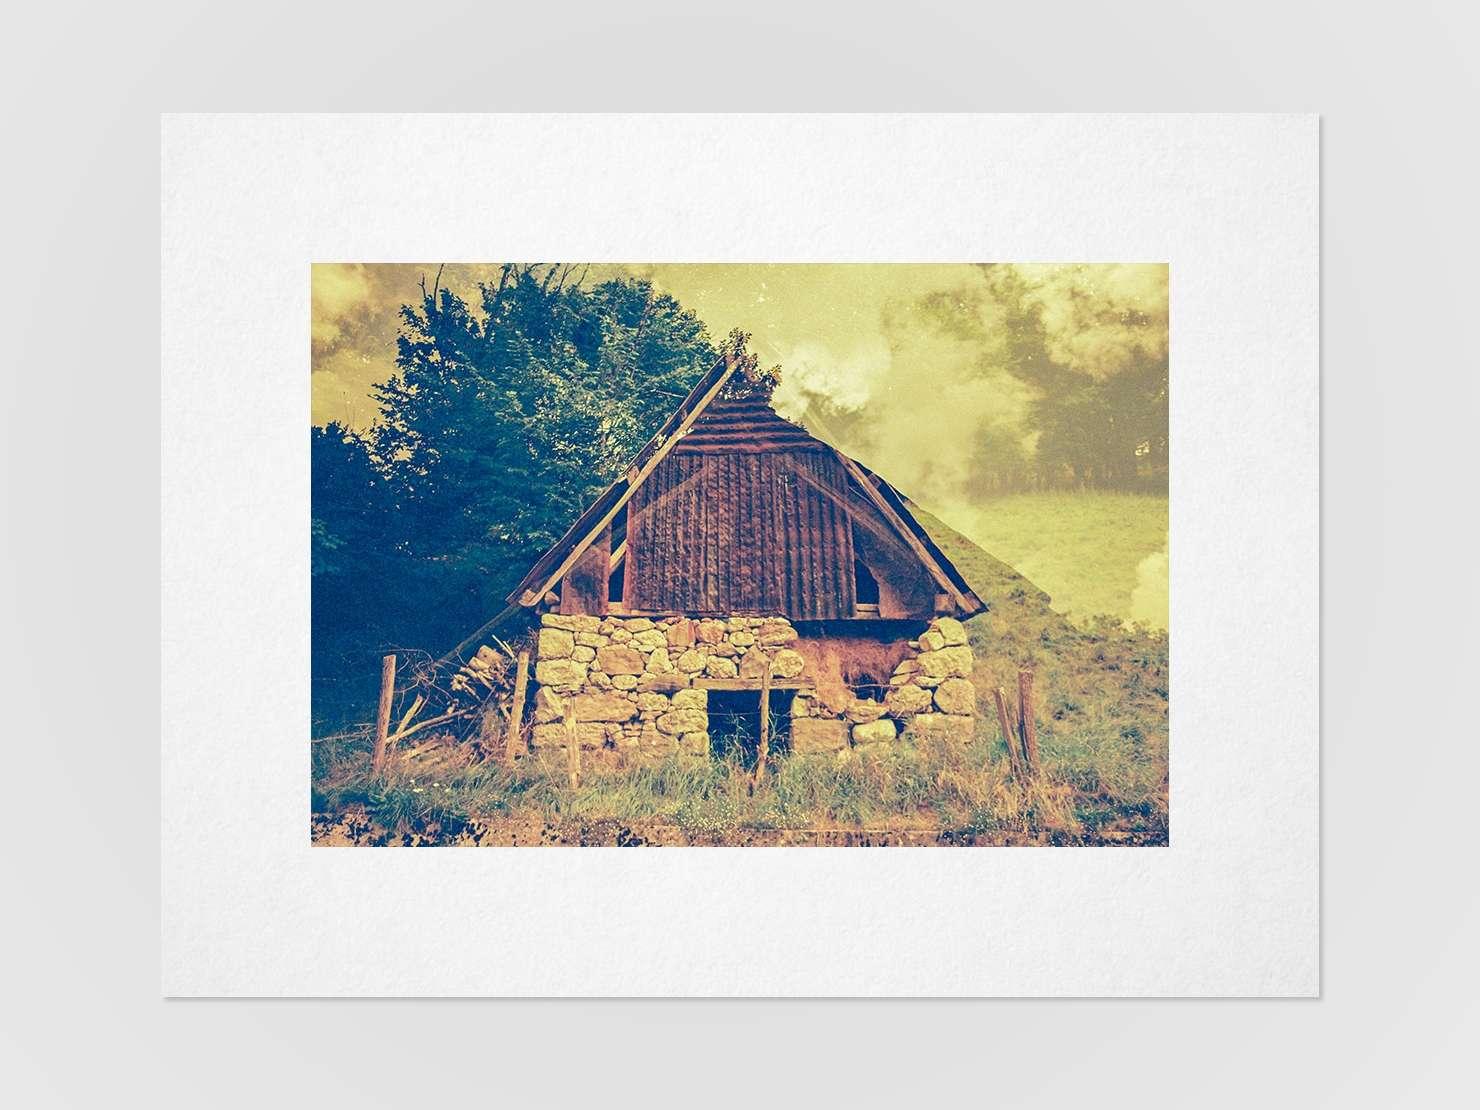 Druckansicht: Mehrfachbelichtung einer slowenischen Hütte